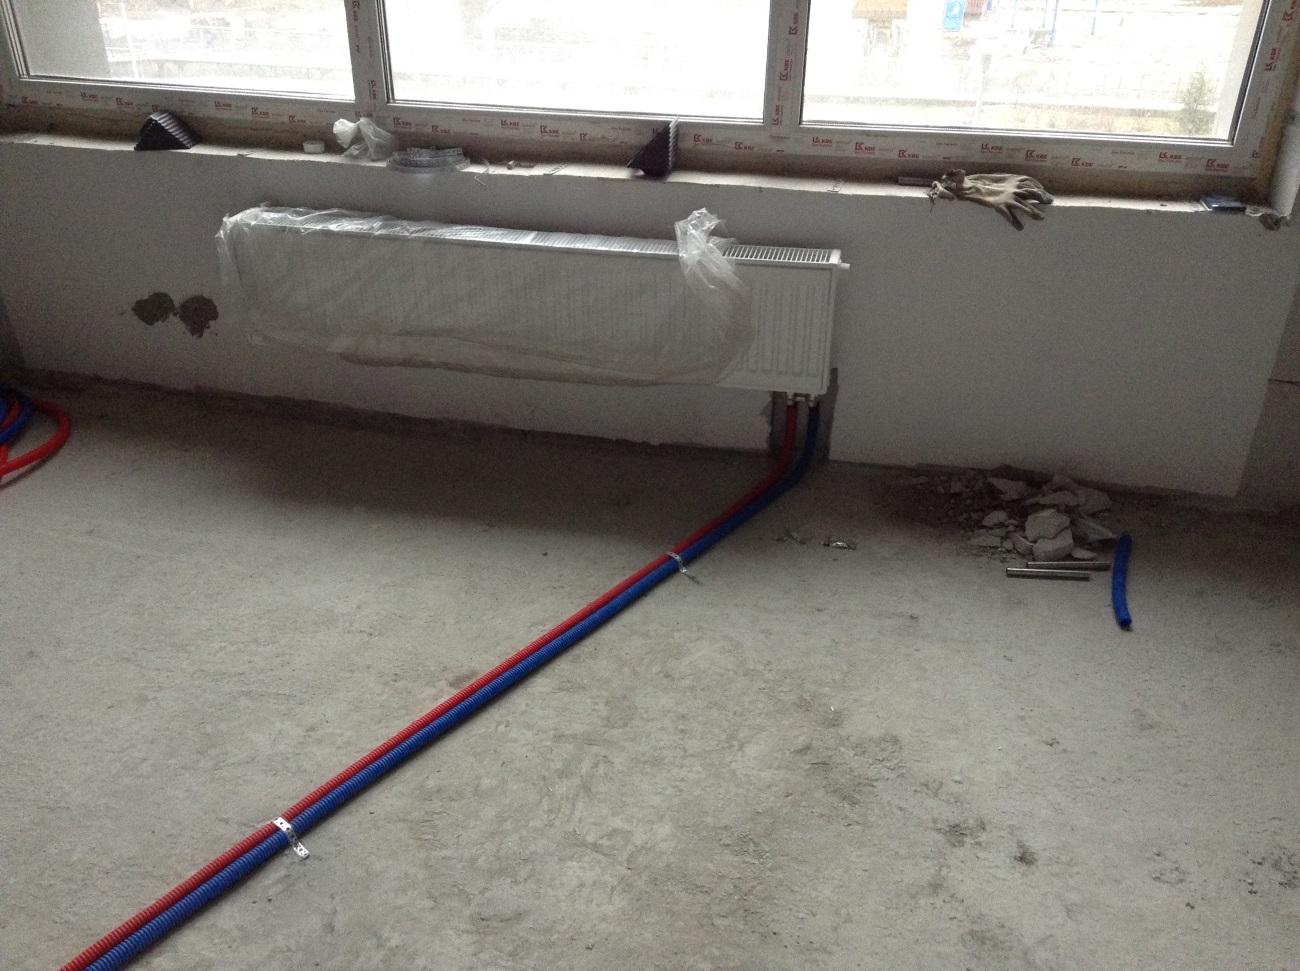 podklyuchenie-radiatora-kermi-na-rehau